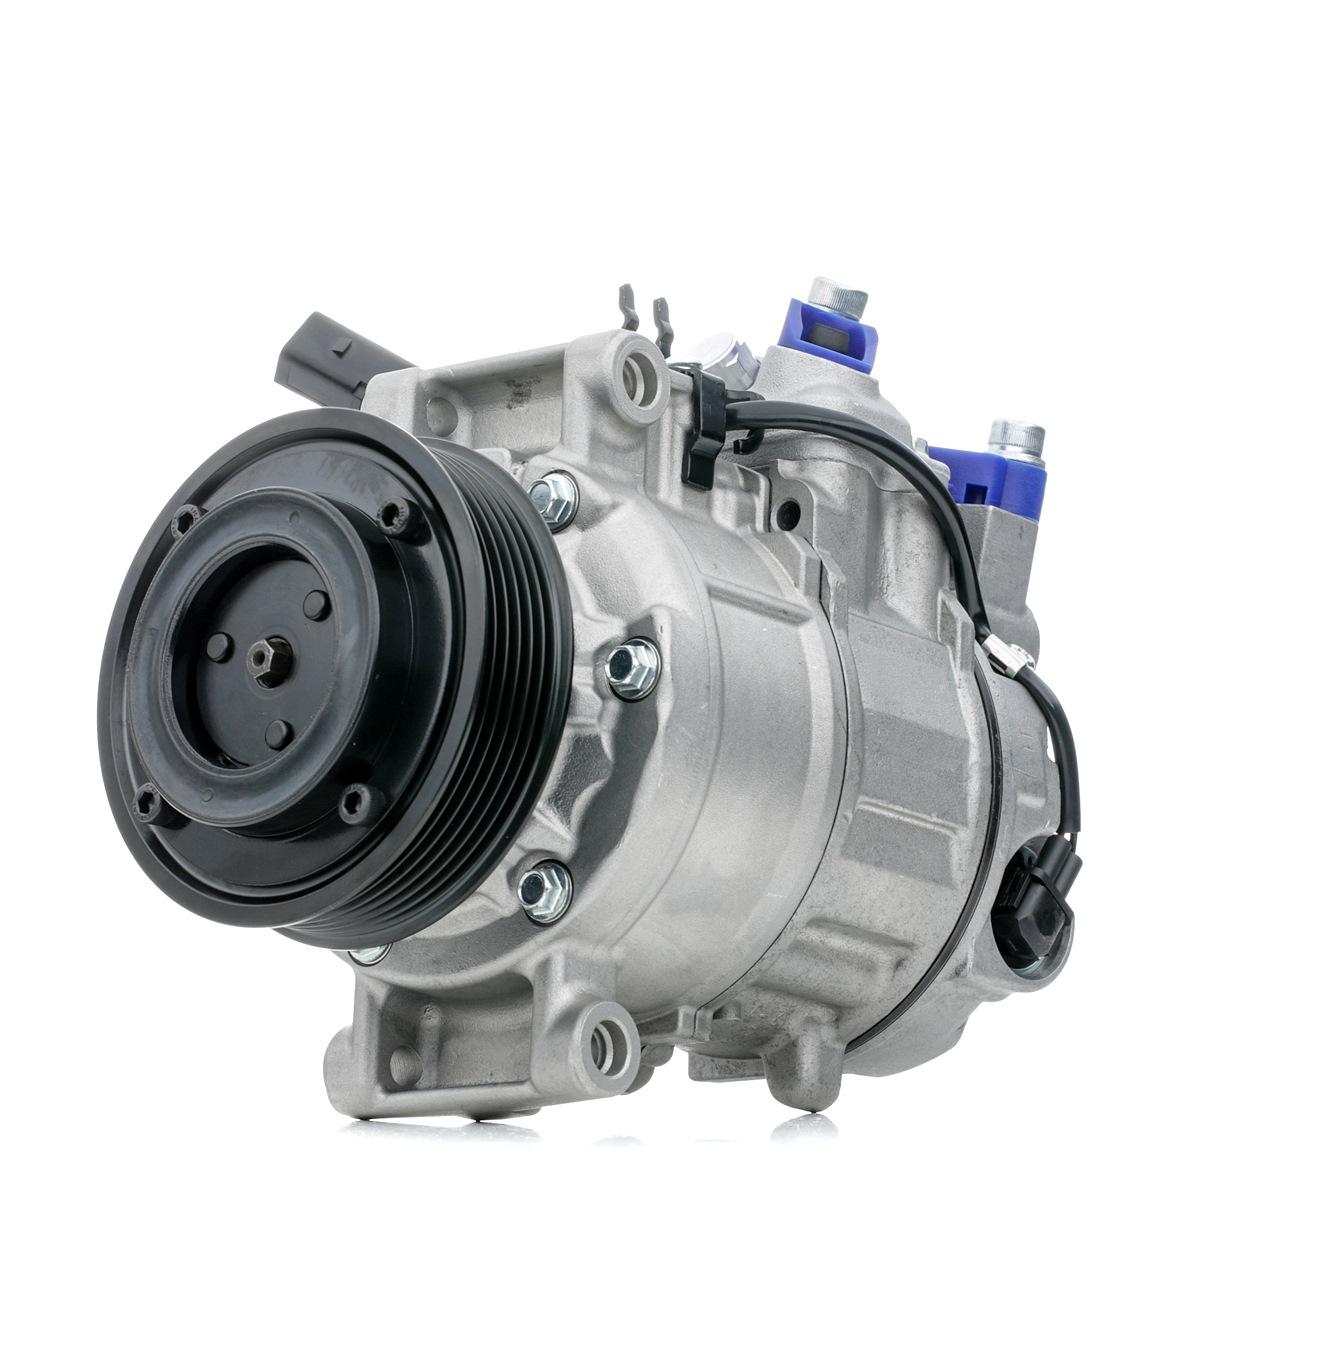 SKKM-0340079 STARK PAG 46, Kältemittel: R 134a Riemenscheiben-Ø: 100mm, Anzahl der Rillen: 6 Klimakompressor SKKM-0340079 günstig kaufen